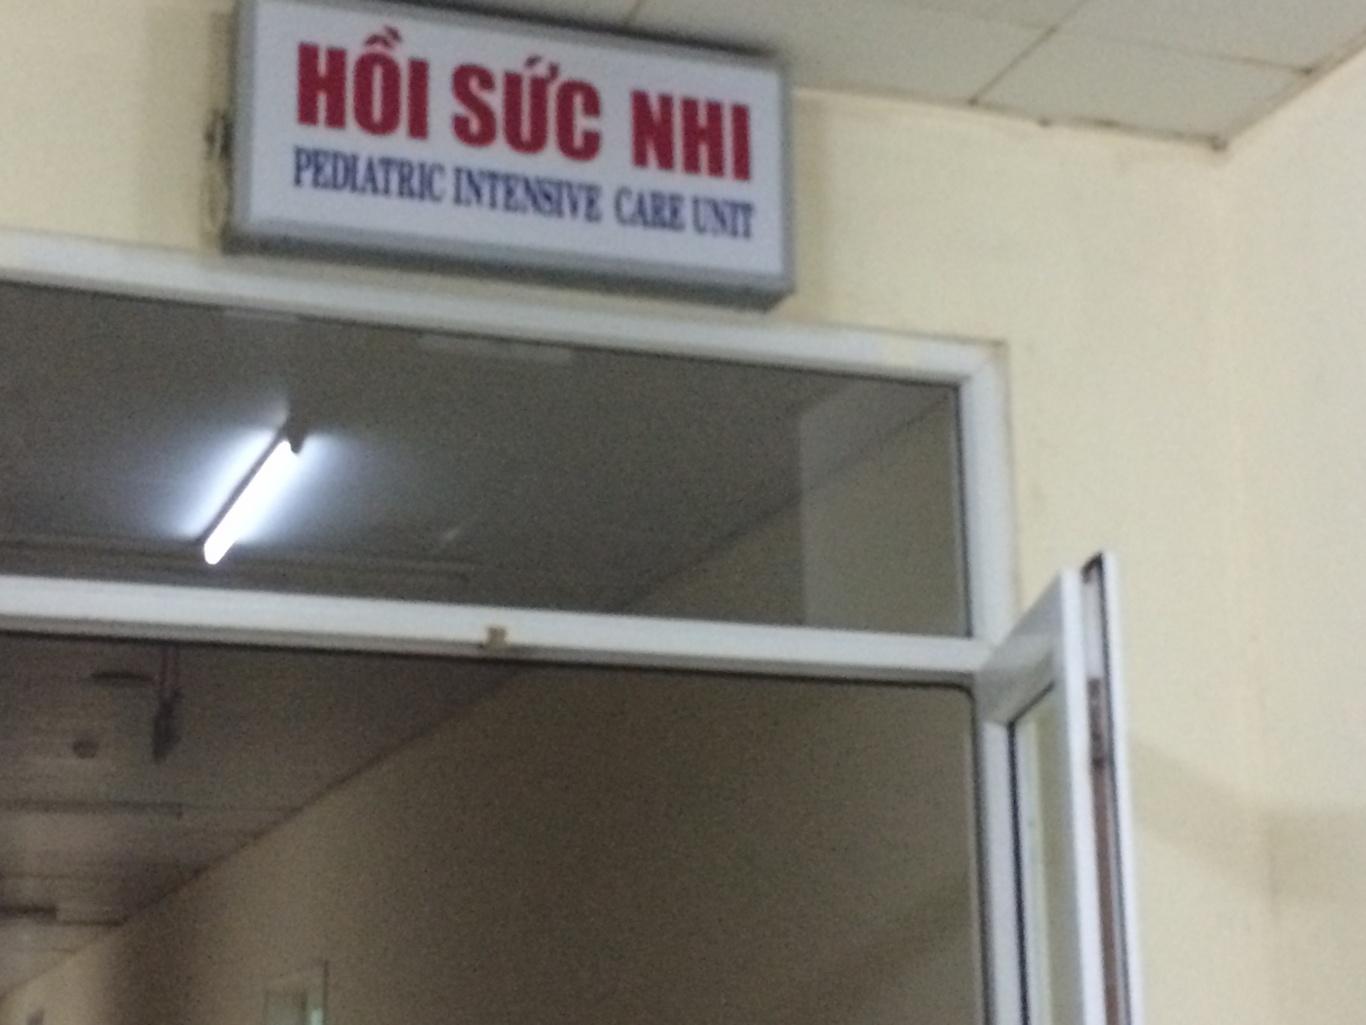 Lắp đặt nút chuông gọi y tá ST-100 và màn hình SR-330 cho khoa hồi sức nhi – BVPS Nhi Đà Nẵng